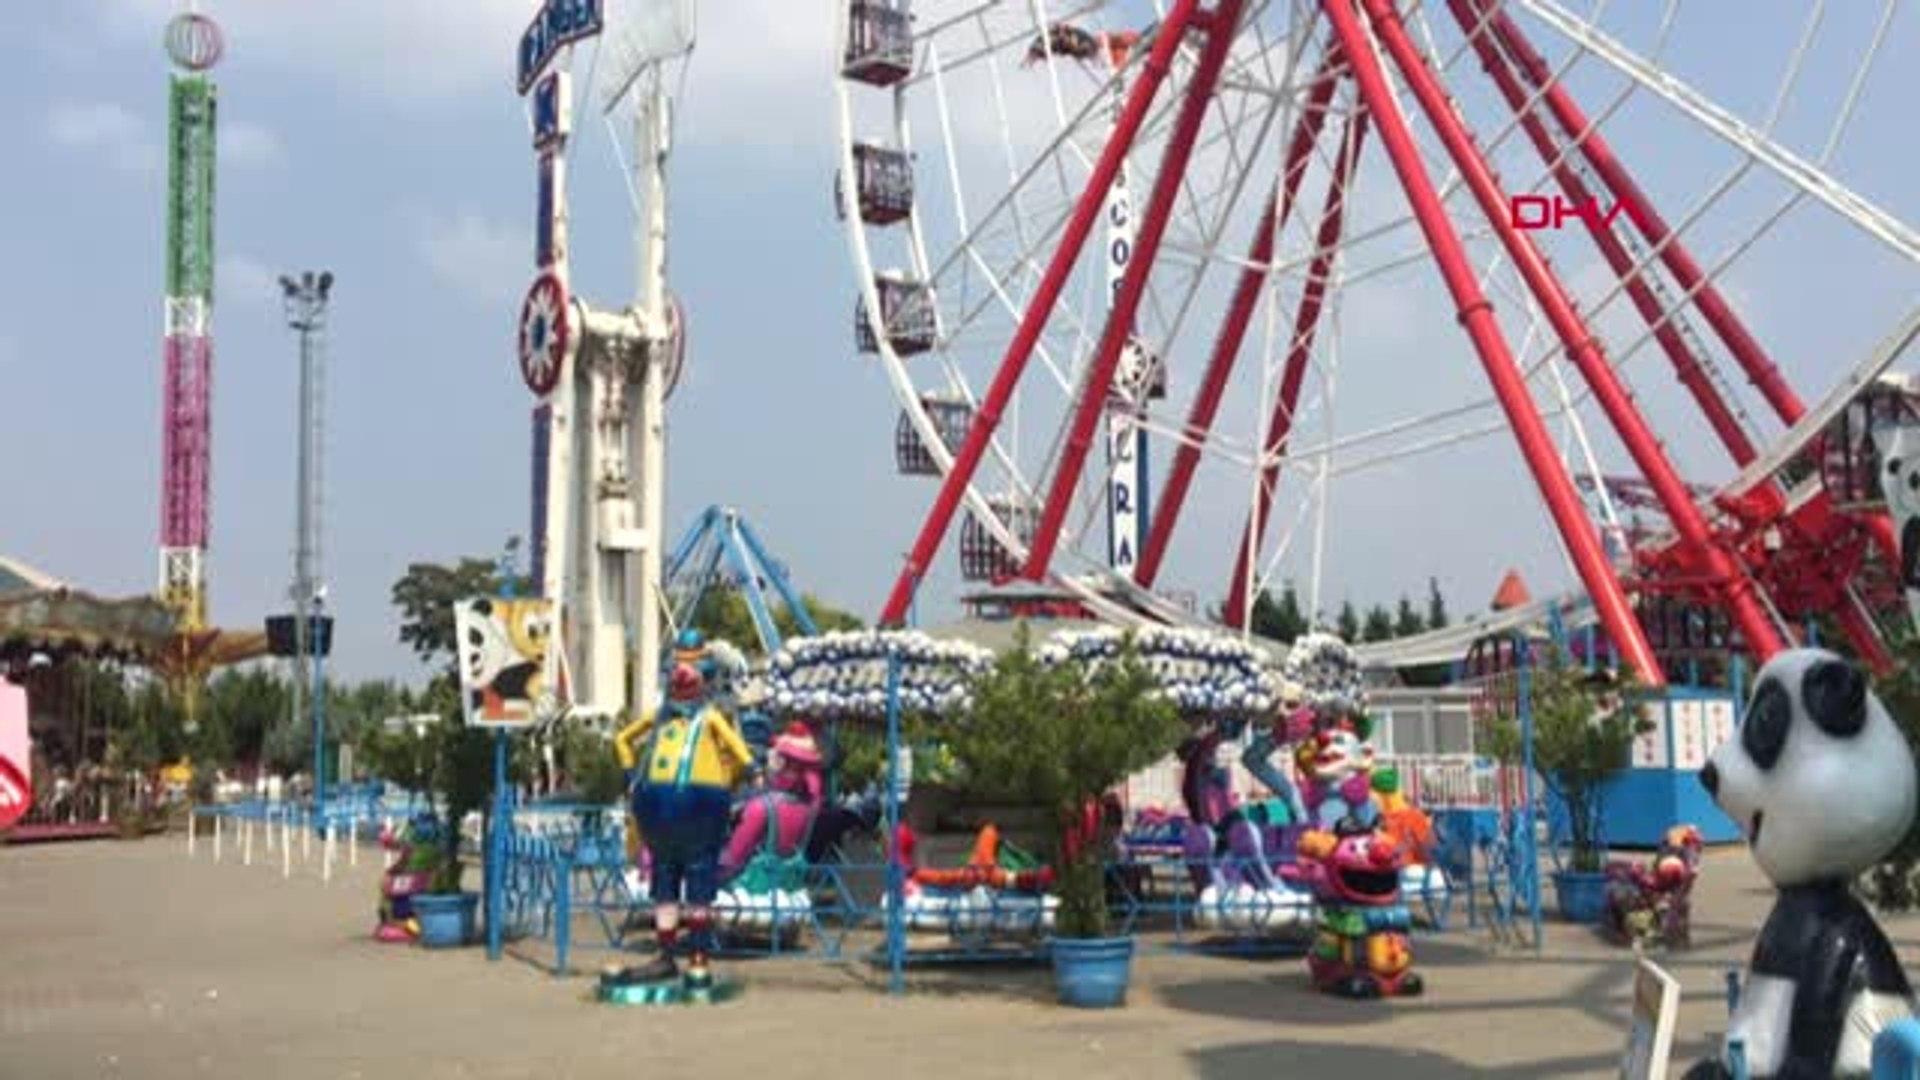 Bursa Lunaparkta, 'Ahtapot' Adlı Eğlence Aracında Fenalaşan Liseli Rümeysa Öldü Hd